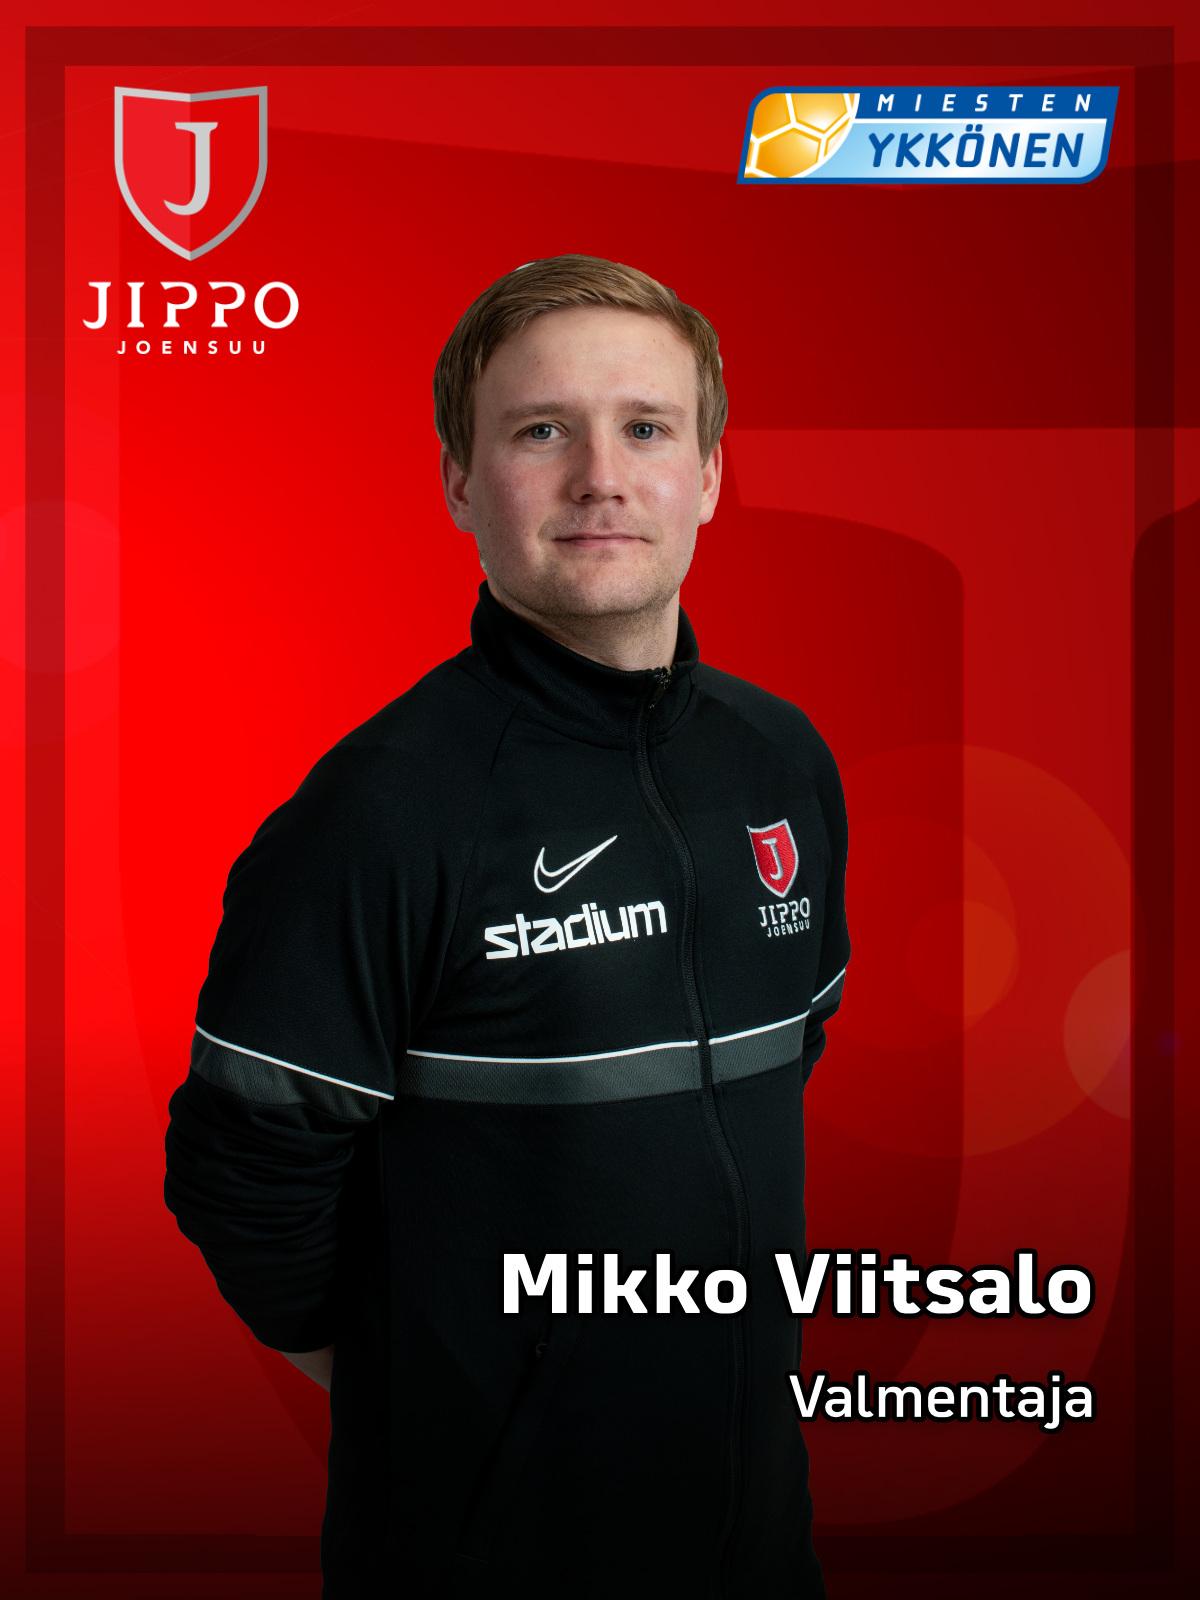 Mikko Viitsalo